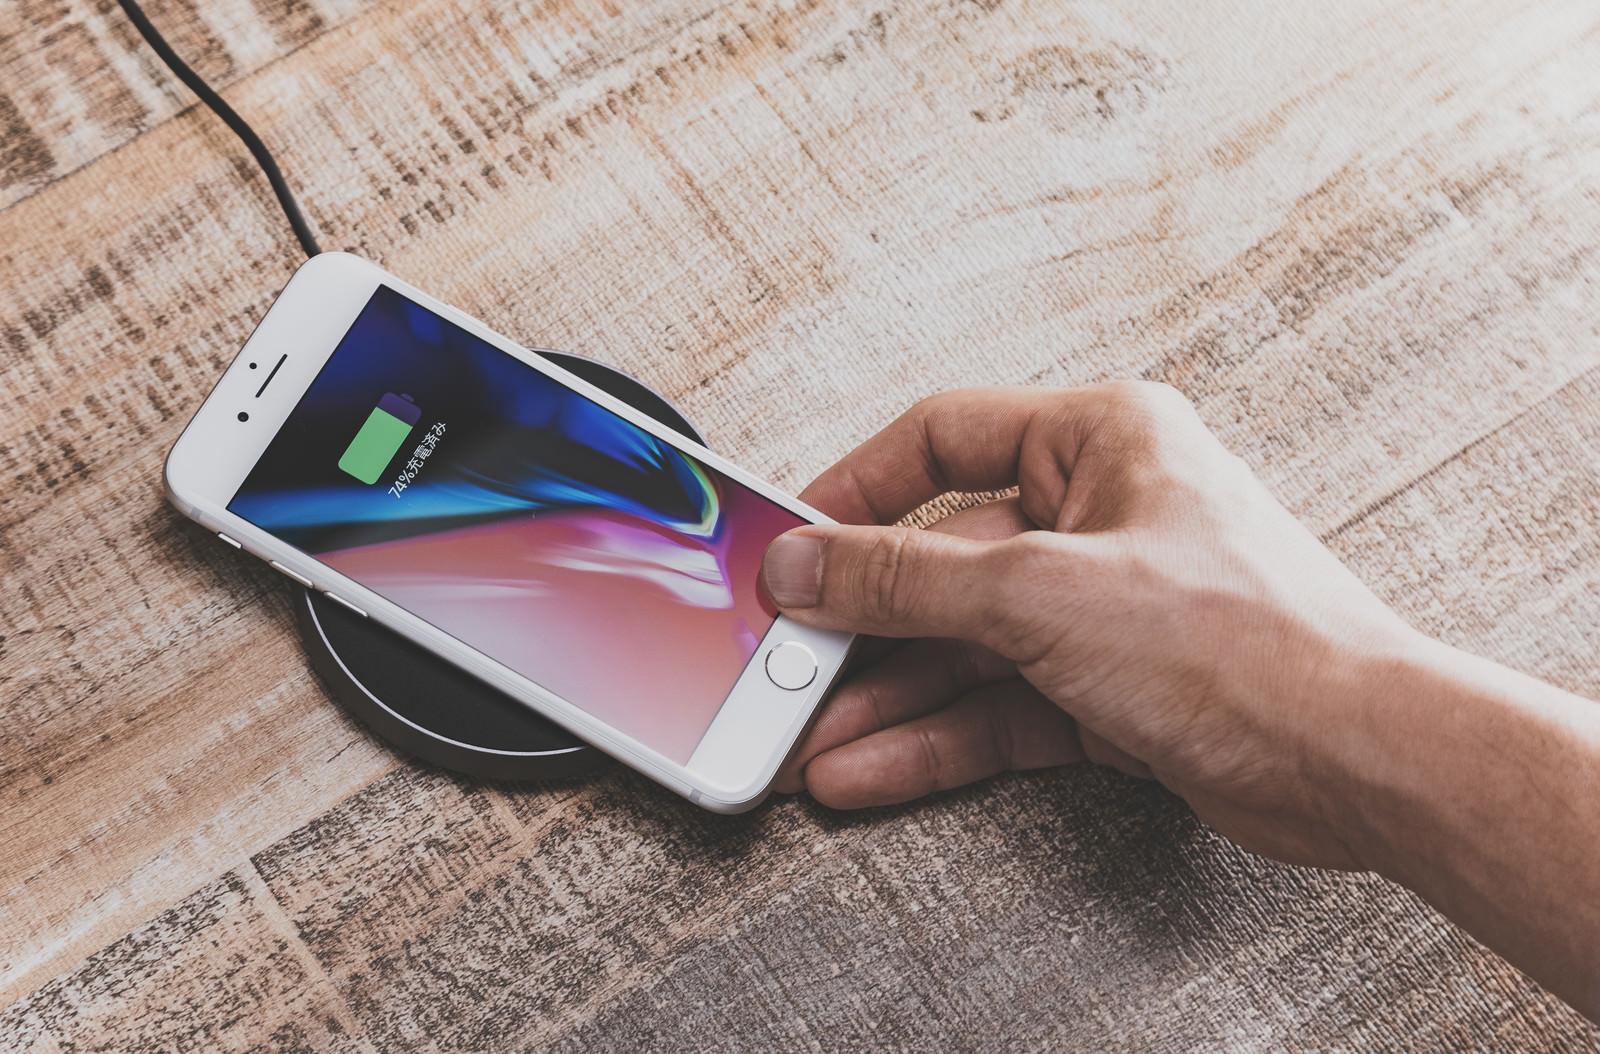 「無線充電パッドにiPhoneをかざして充電する様子」の写真